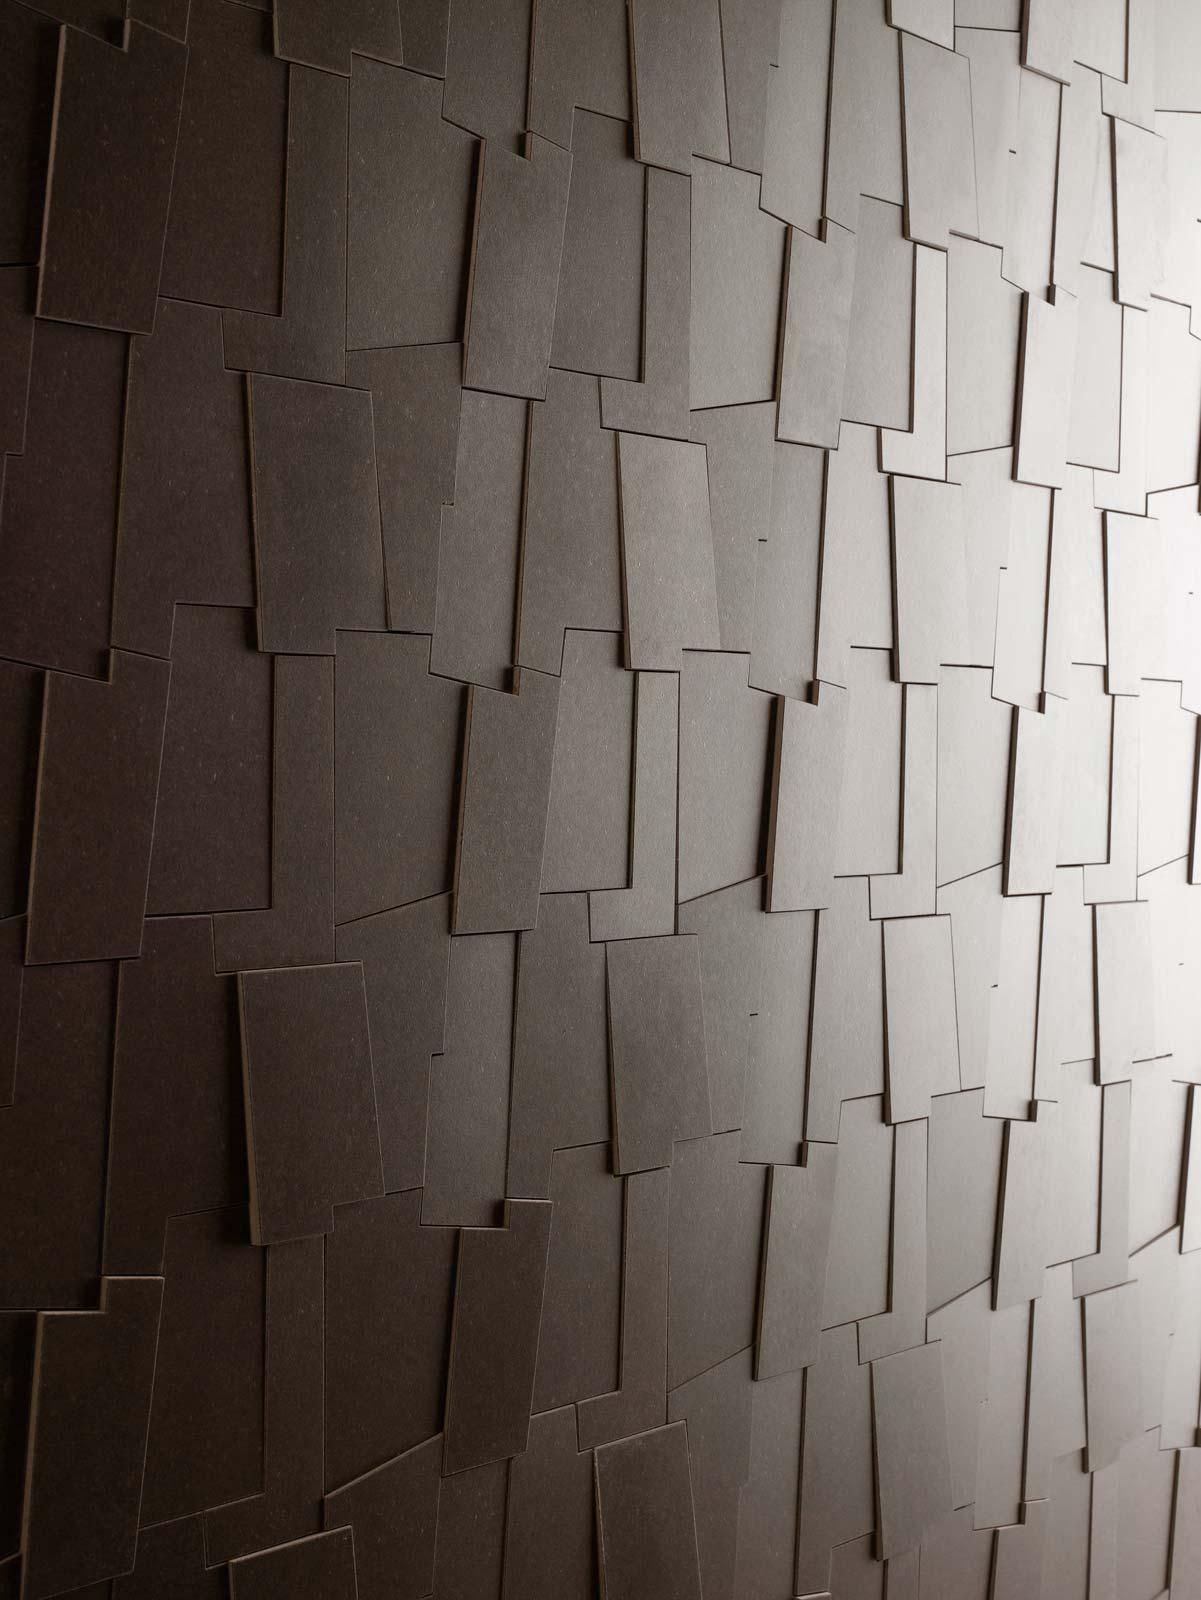 Steinzeug für Fußböden und Wandverkleidungen  Marazzi